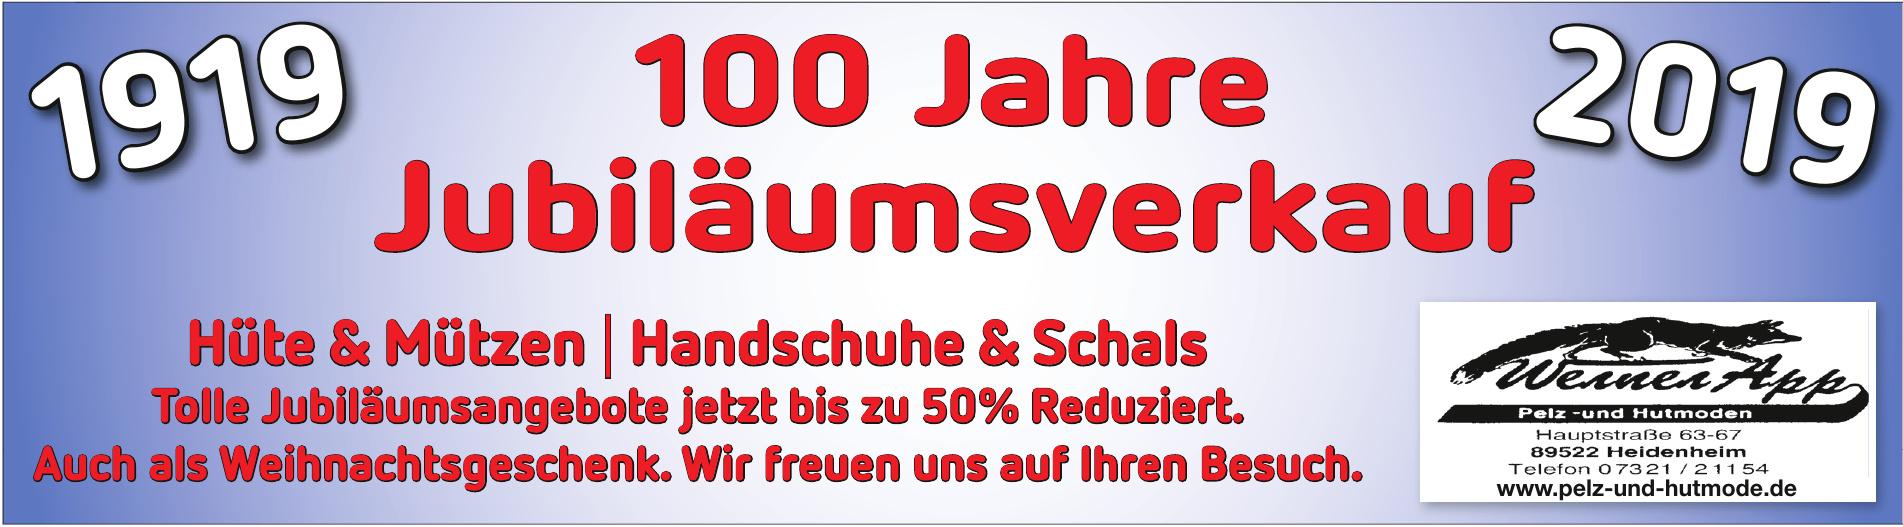 Werner App Pelz- und Hutmoden